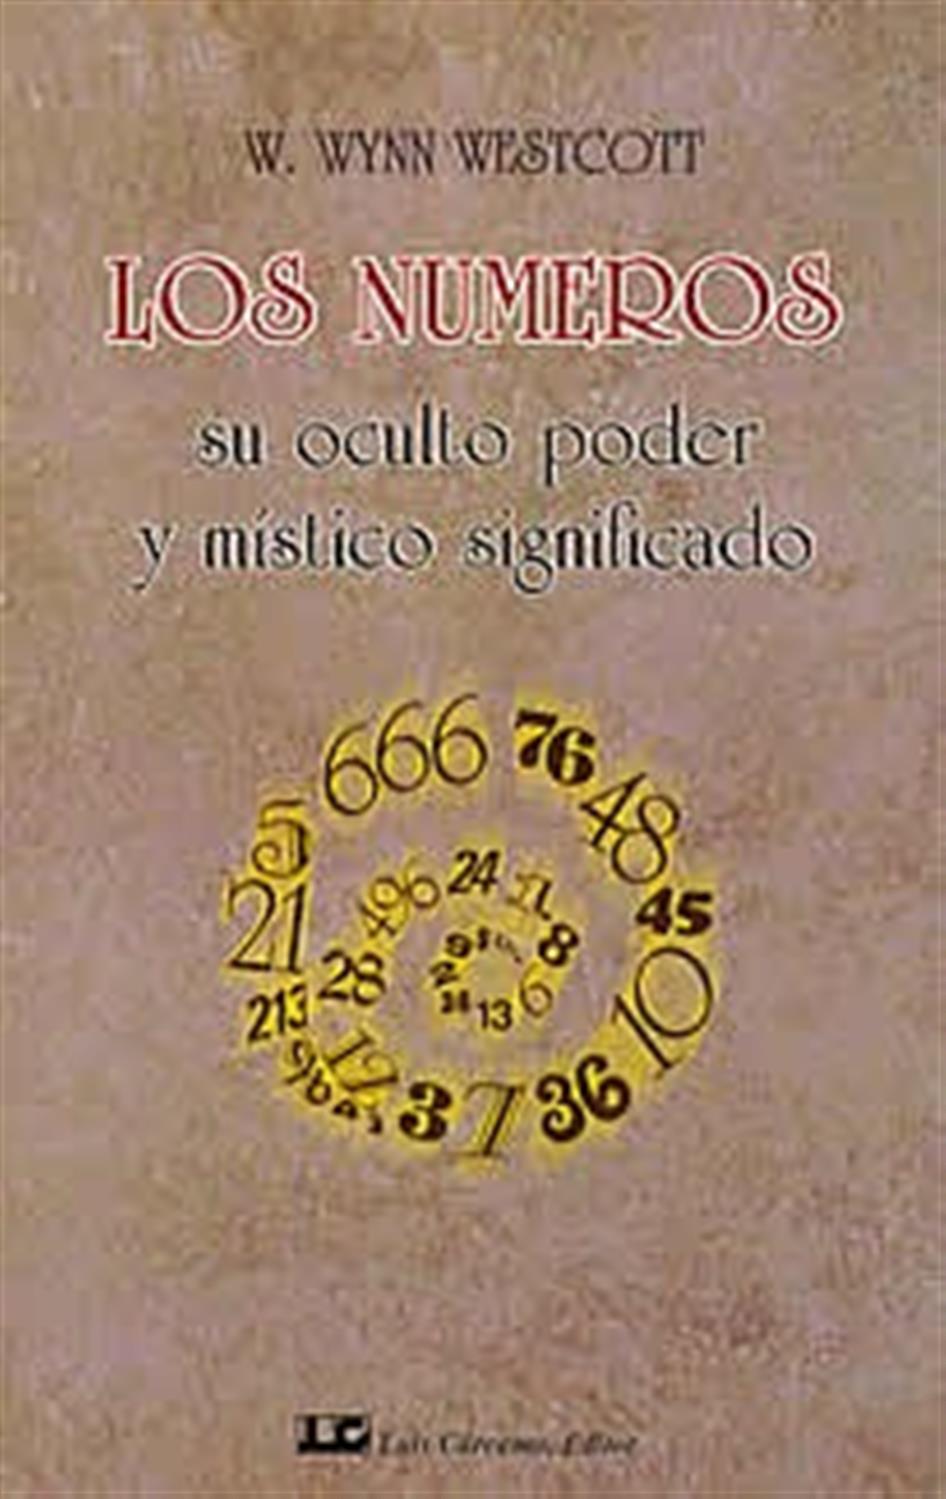 Los números su oculto poder y místico significado